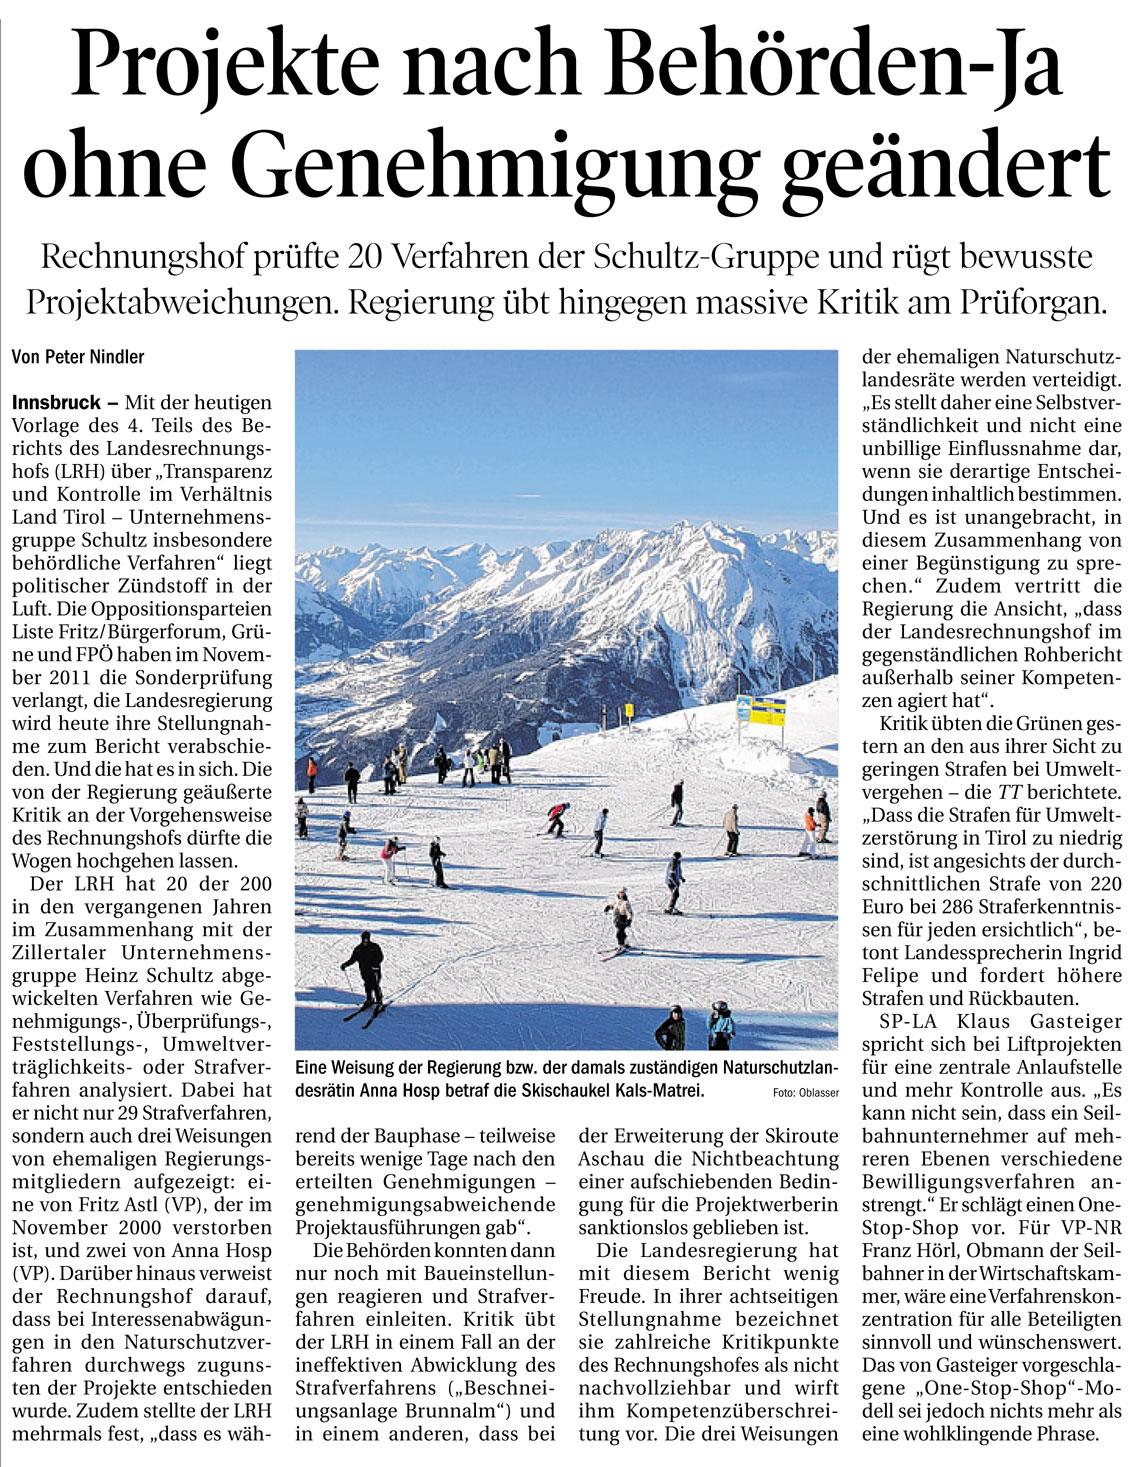 Bericht der Tiroler Tageszeitung zur Sonderprüfung der Schultz-Gruppe